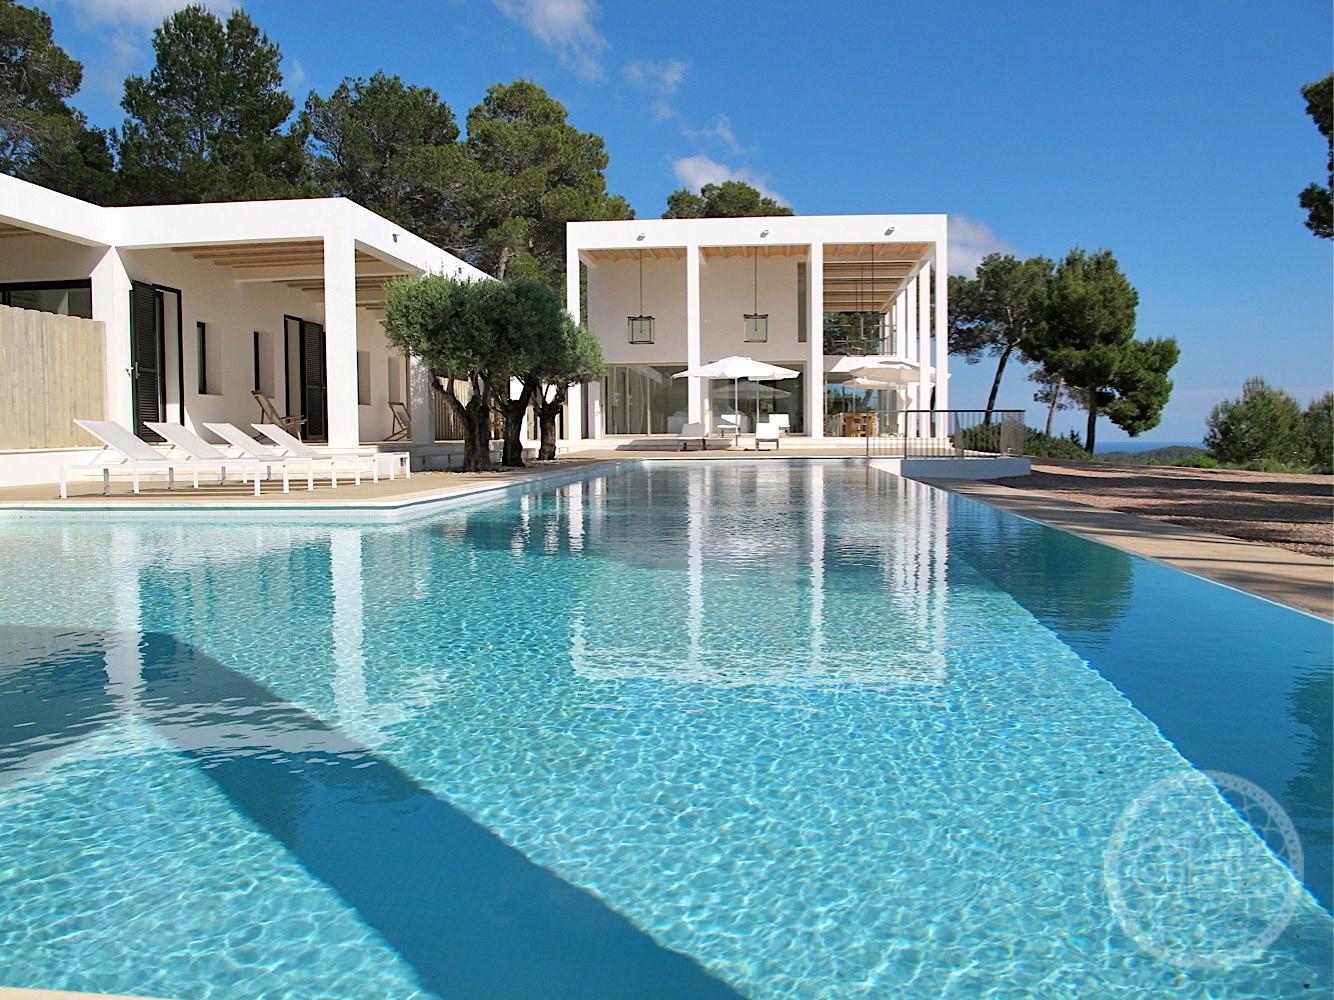 Das Anwesen Liegt In Unmittelbarer Nähe Zu Santa Eulalia Und Sant Carles.  Ein Perfektes Haus Auf Dem Land, Ein Idealer Rückzugsort U2013 Der Trotzdem Nah  Genug ...